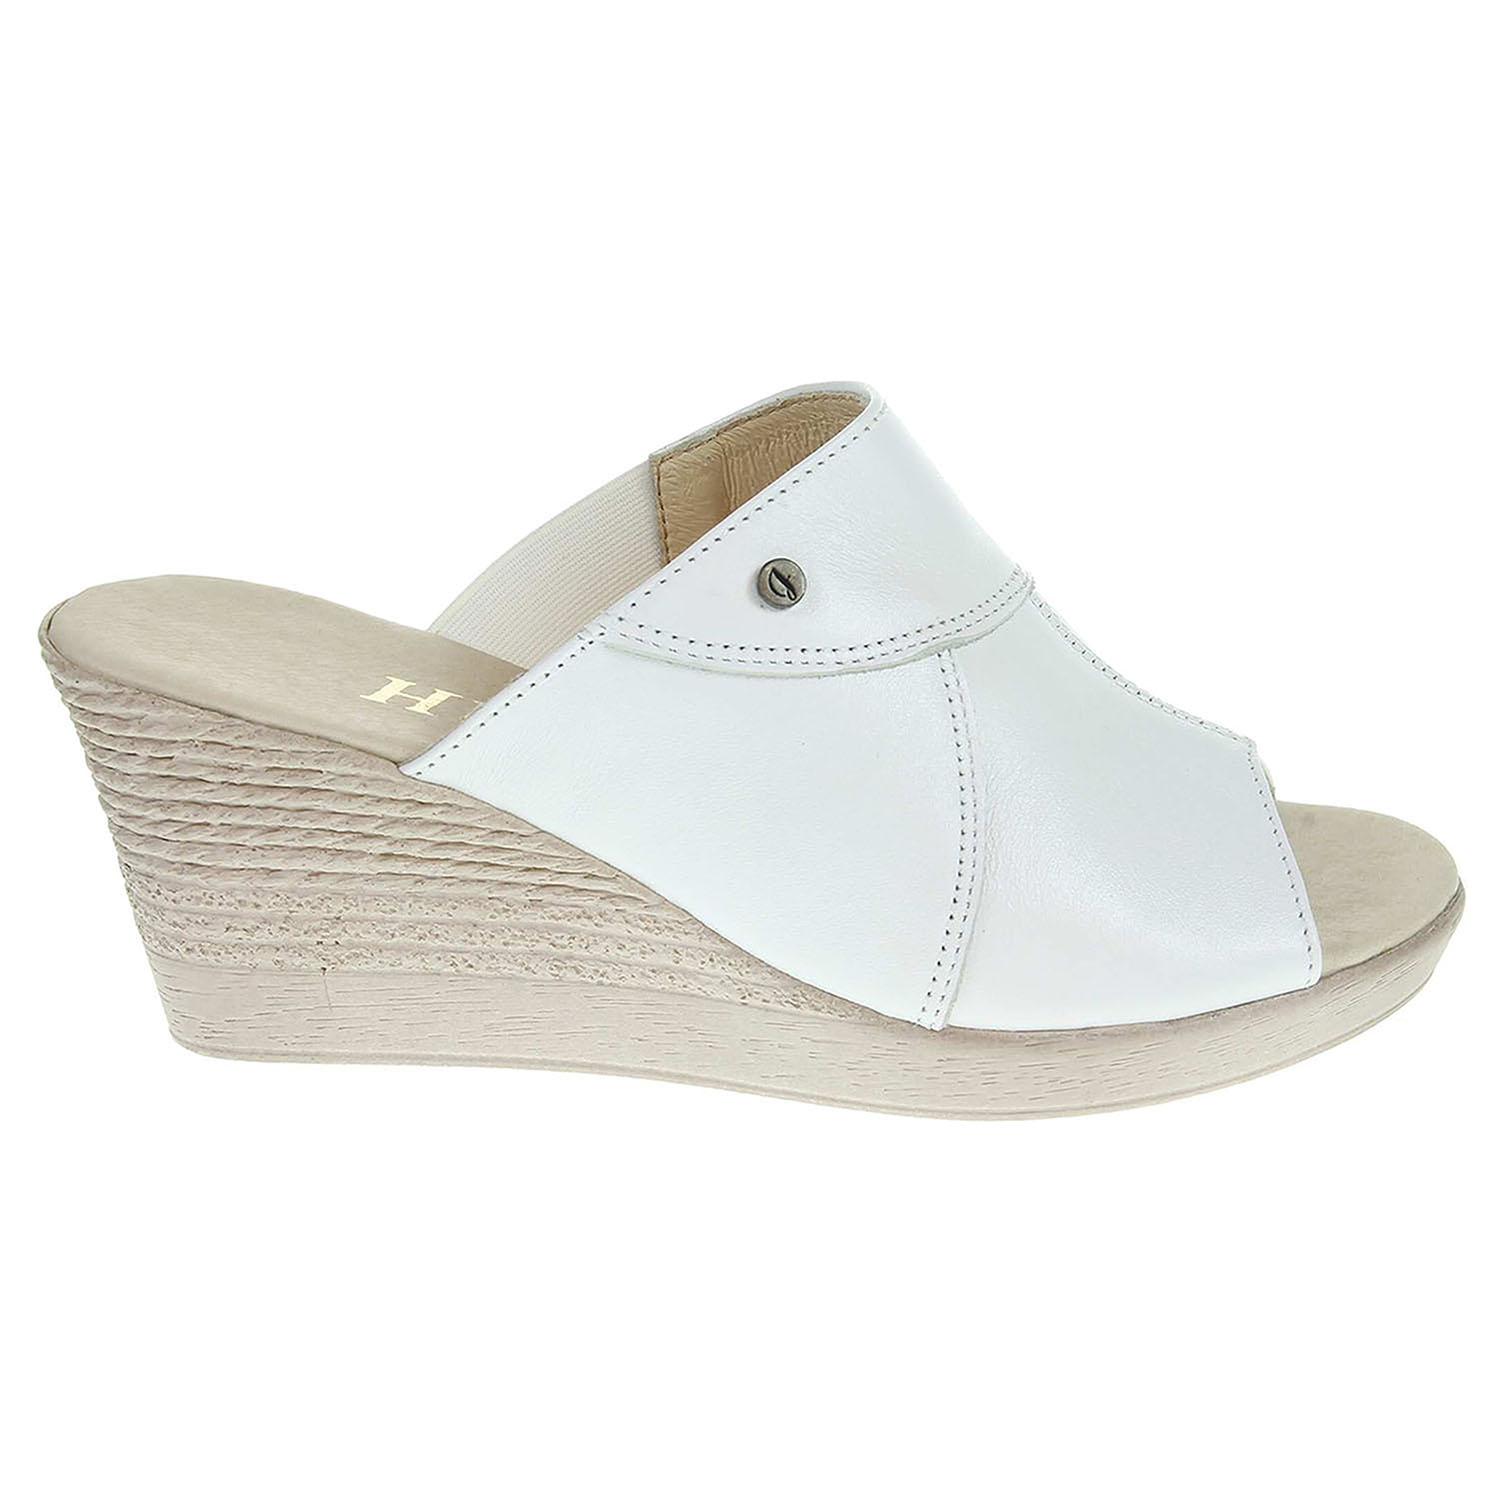 Ecco Dámské pantofle J3440 bílé 23600741